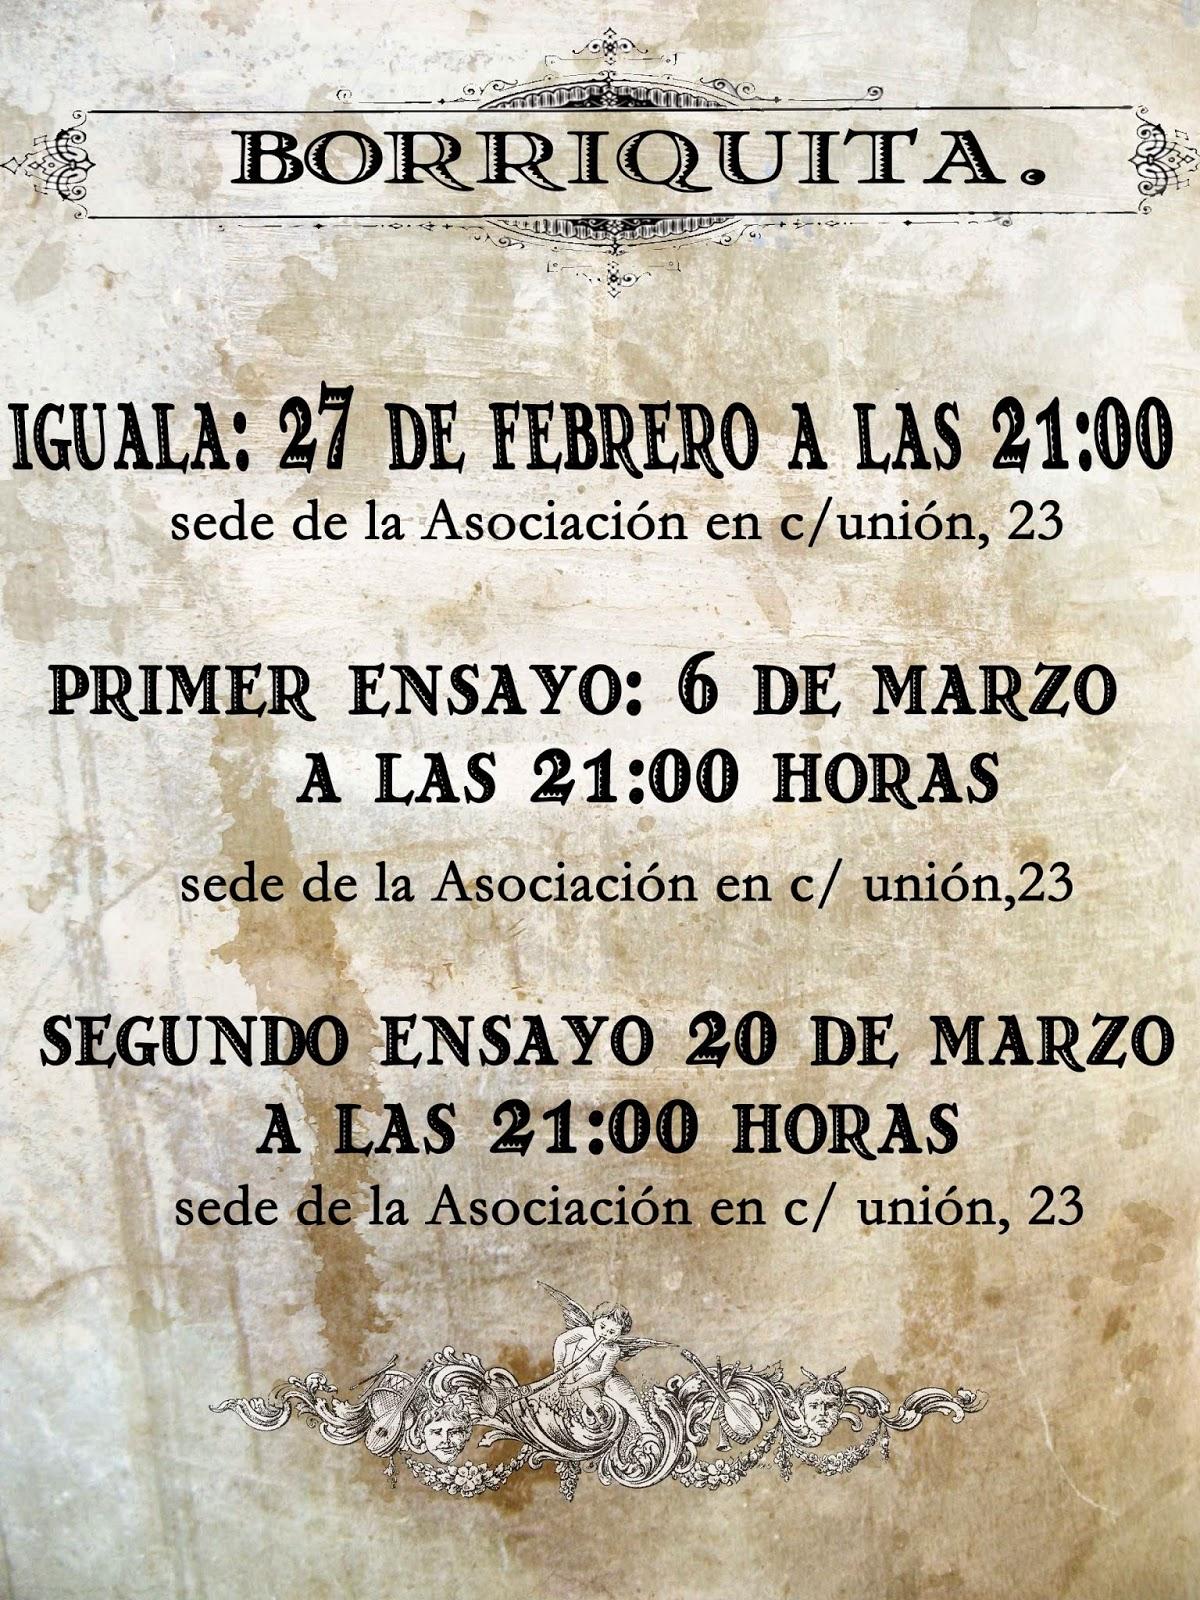 Calendario Ensayos Borriquita